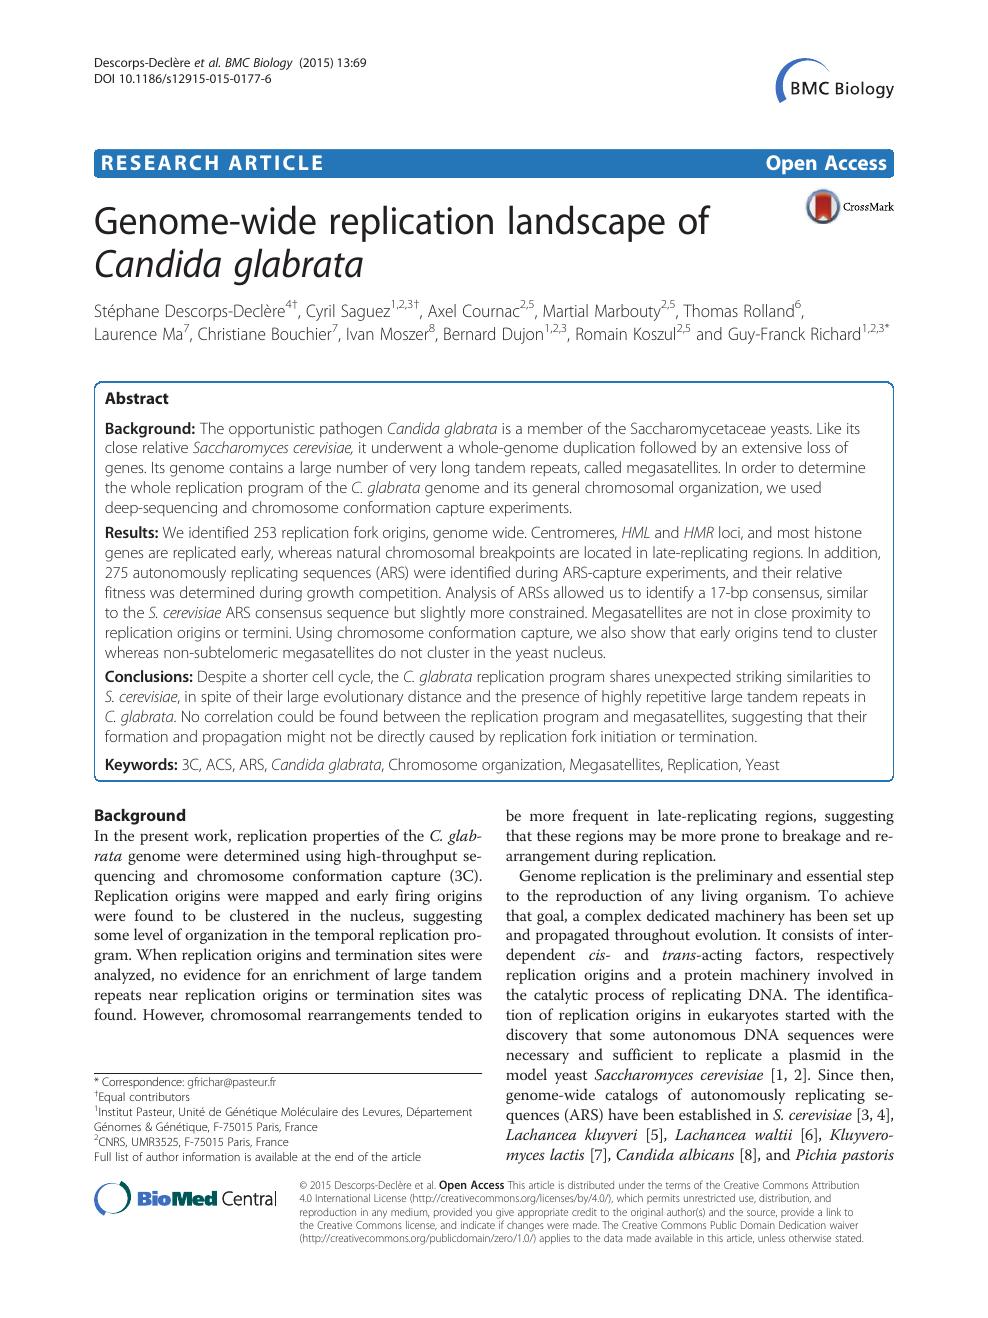 Genome-Wide Replication Landscape Of Candida Glabrata tout Liste De Departement De France